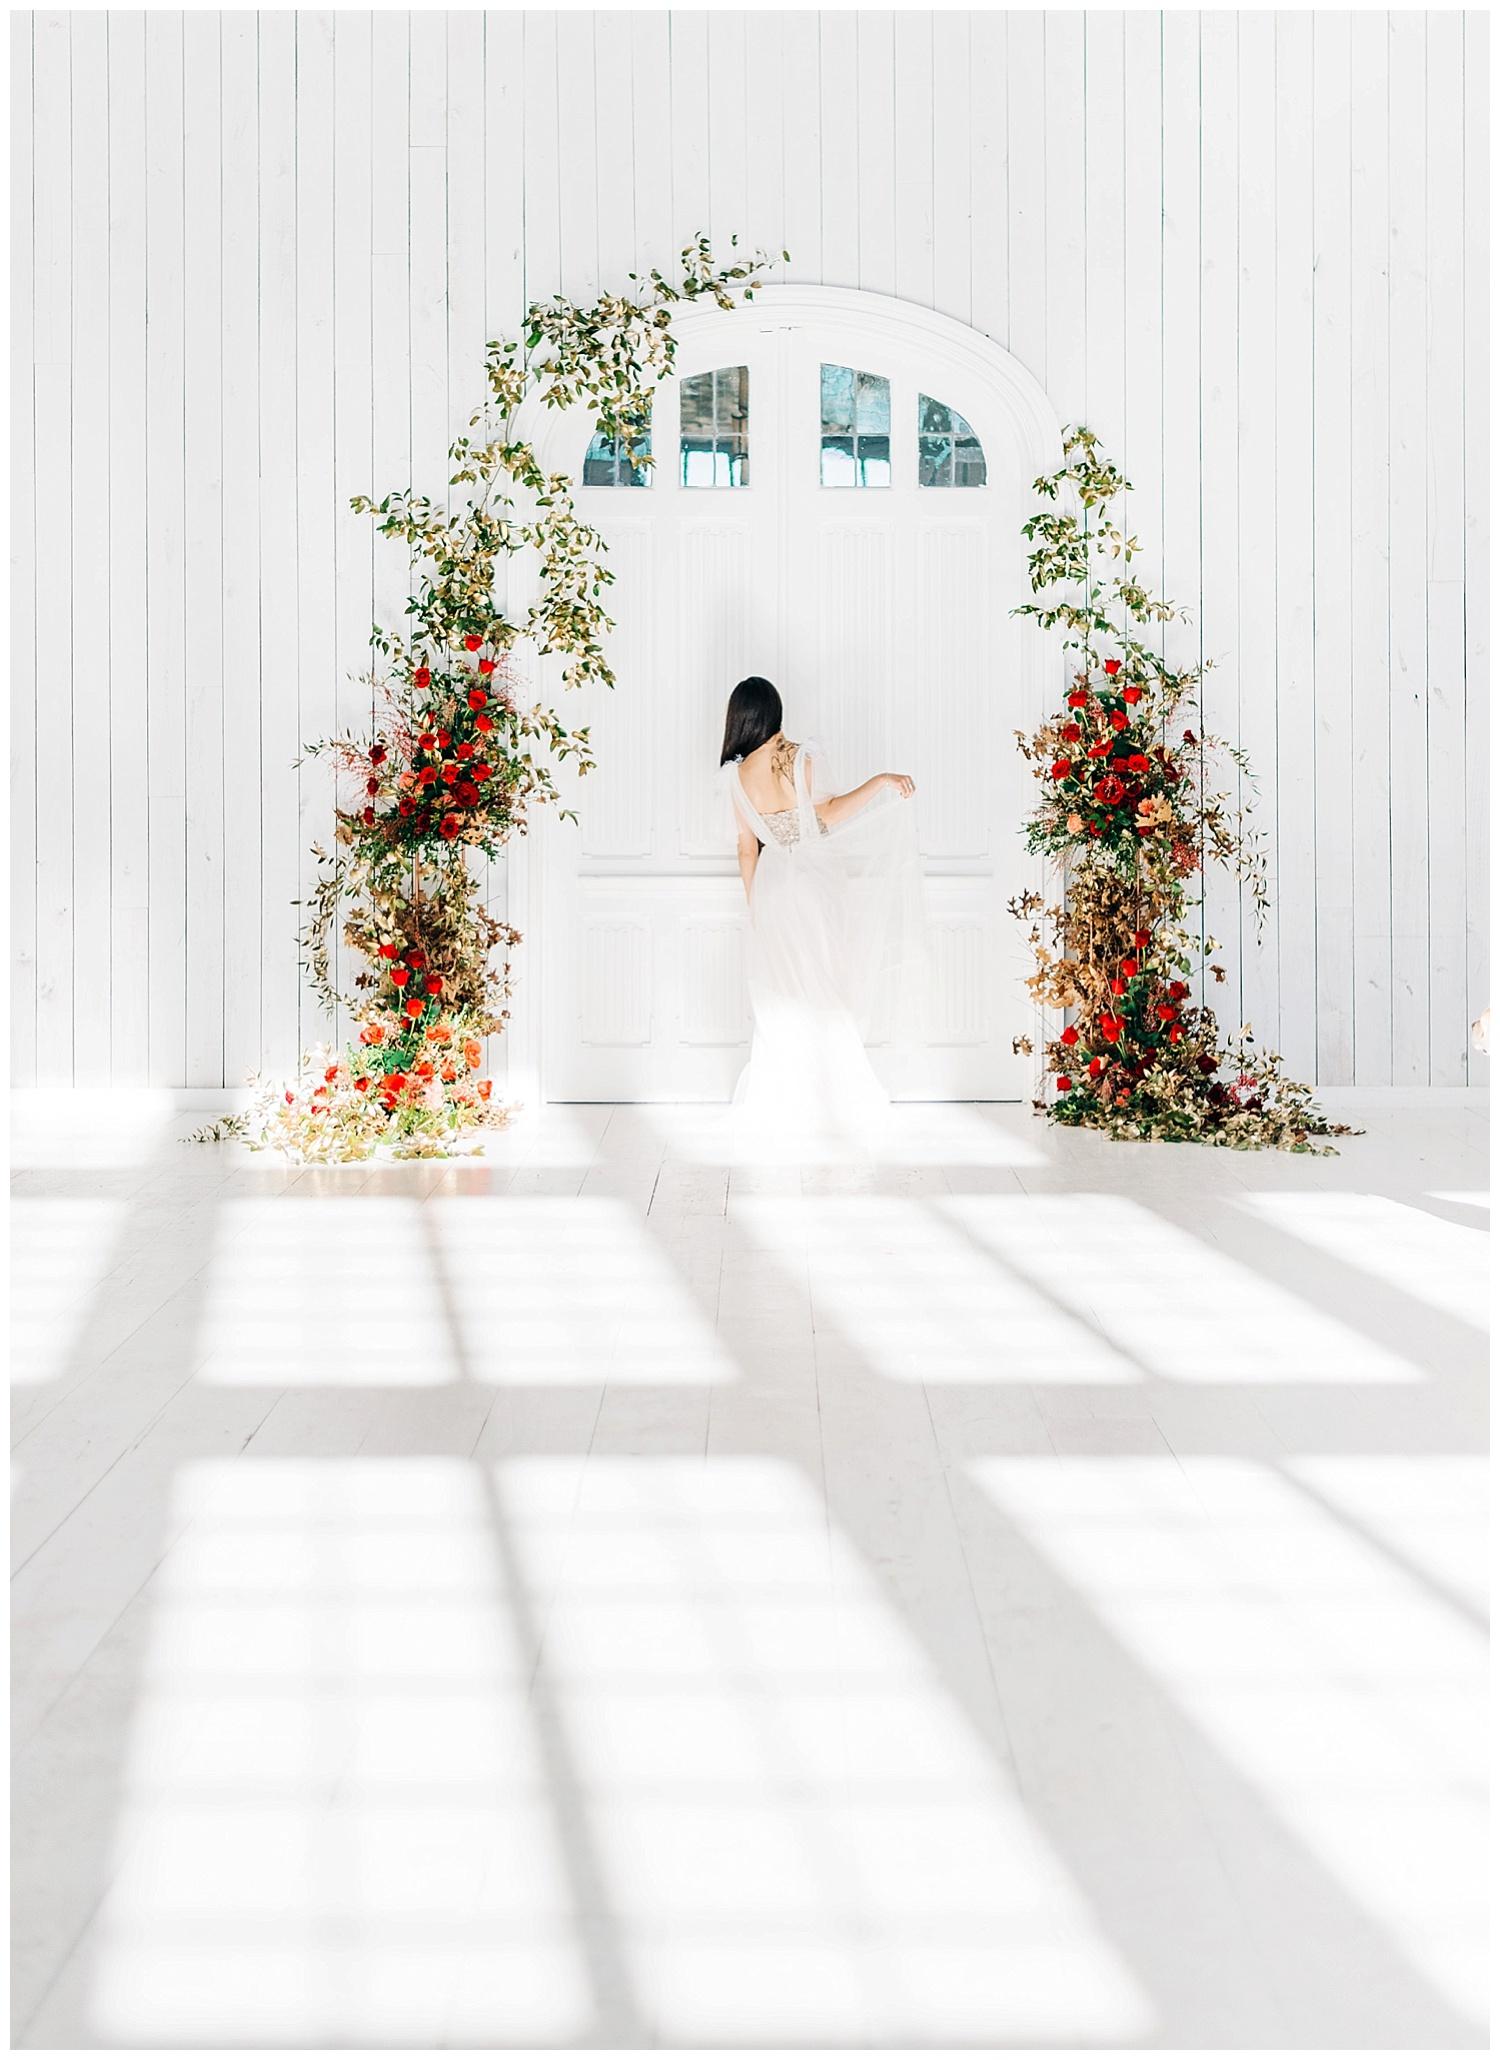 DFW blank canvas wedding venue